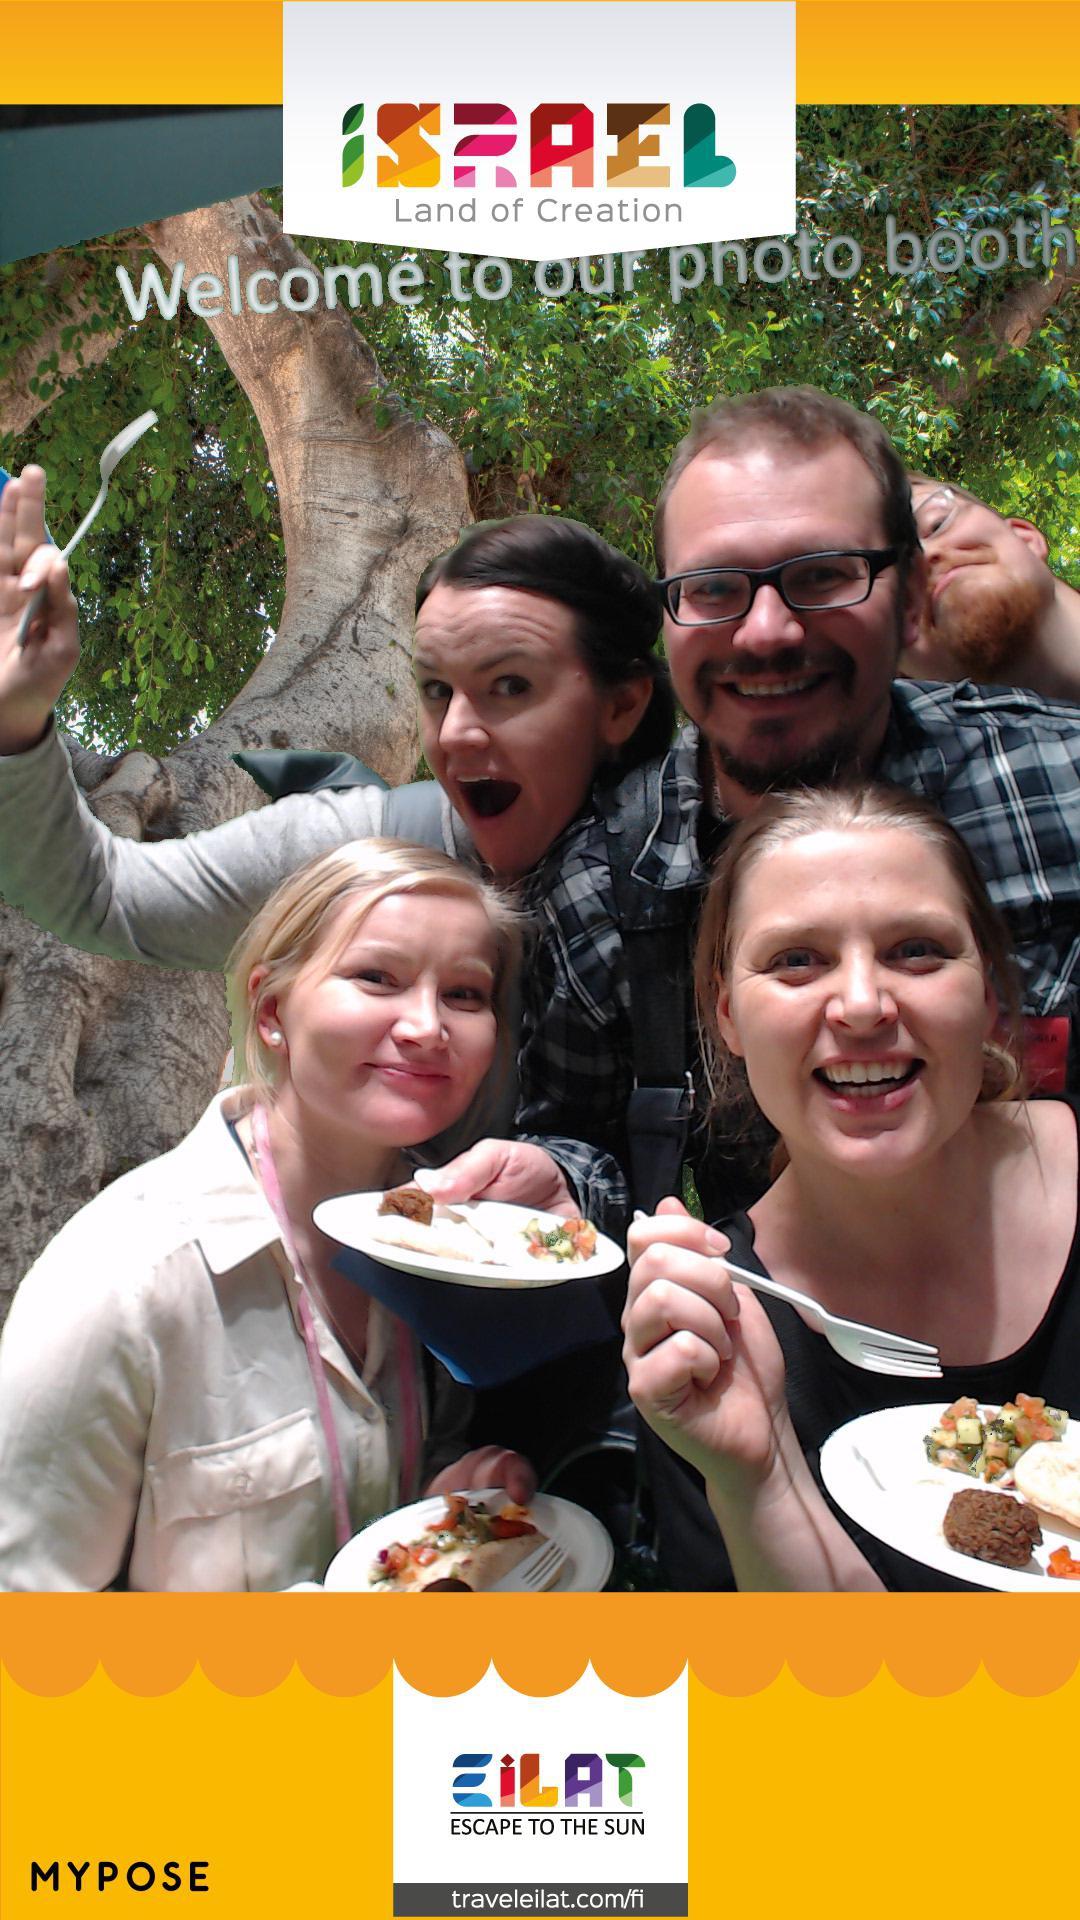 Israelin osastolla ruokamaistiaisissa Curious Feetin Teea, Live now dream later Saanan, Matkakuume.net Gian ja Panunmatkat Panun kanssa.